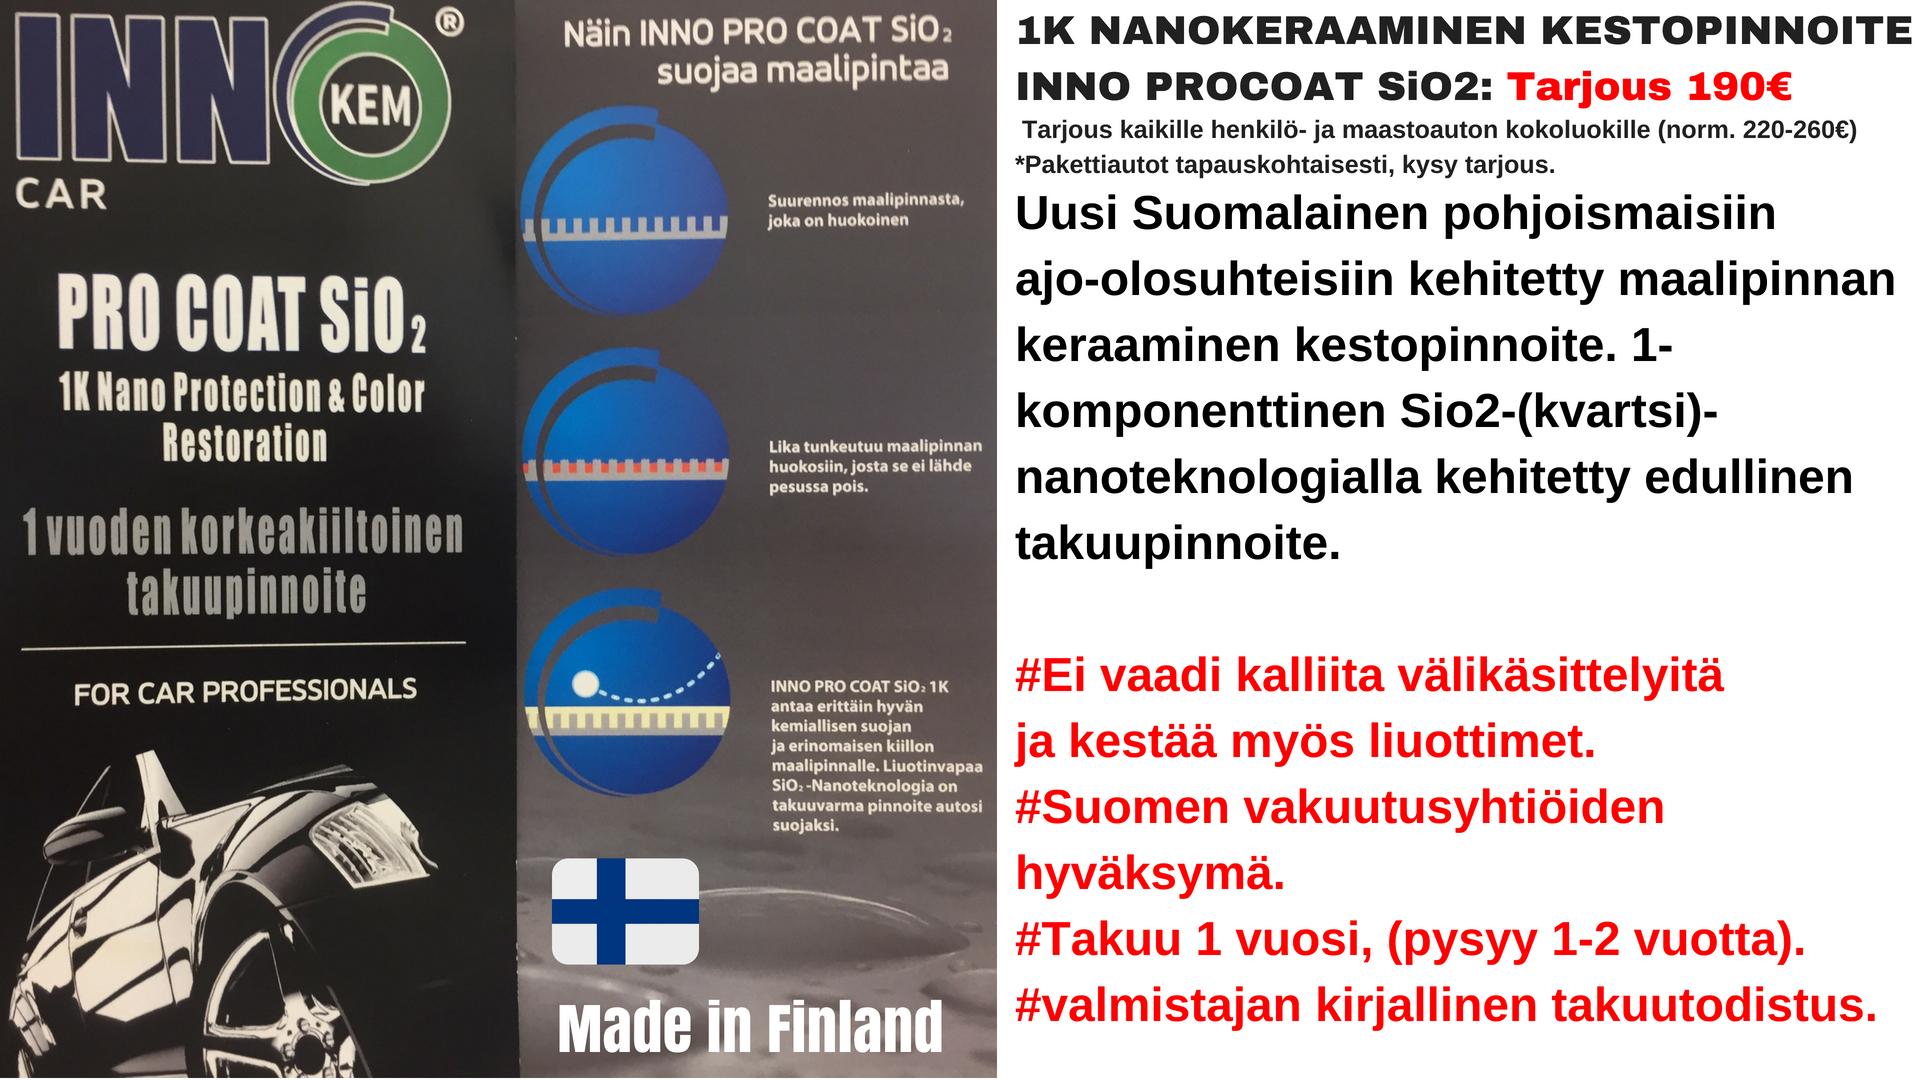 inno pro coat sio2 | keraaminen kestopinnoite hinta | Jyväskylä